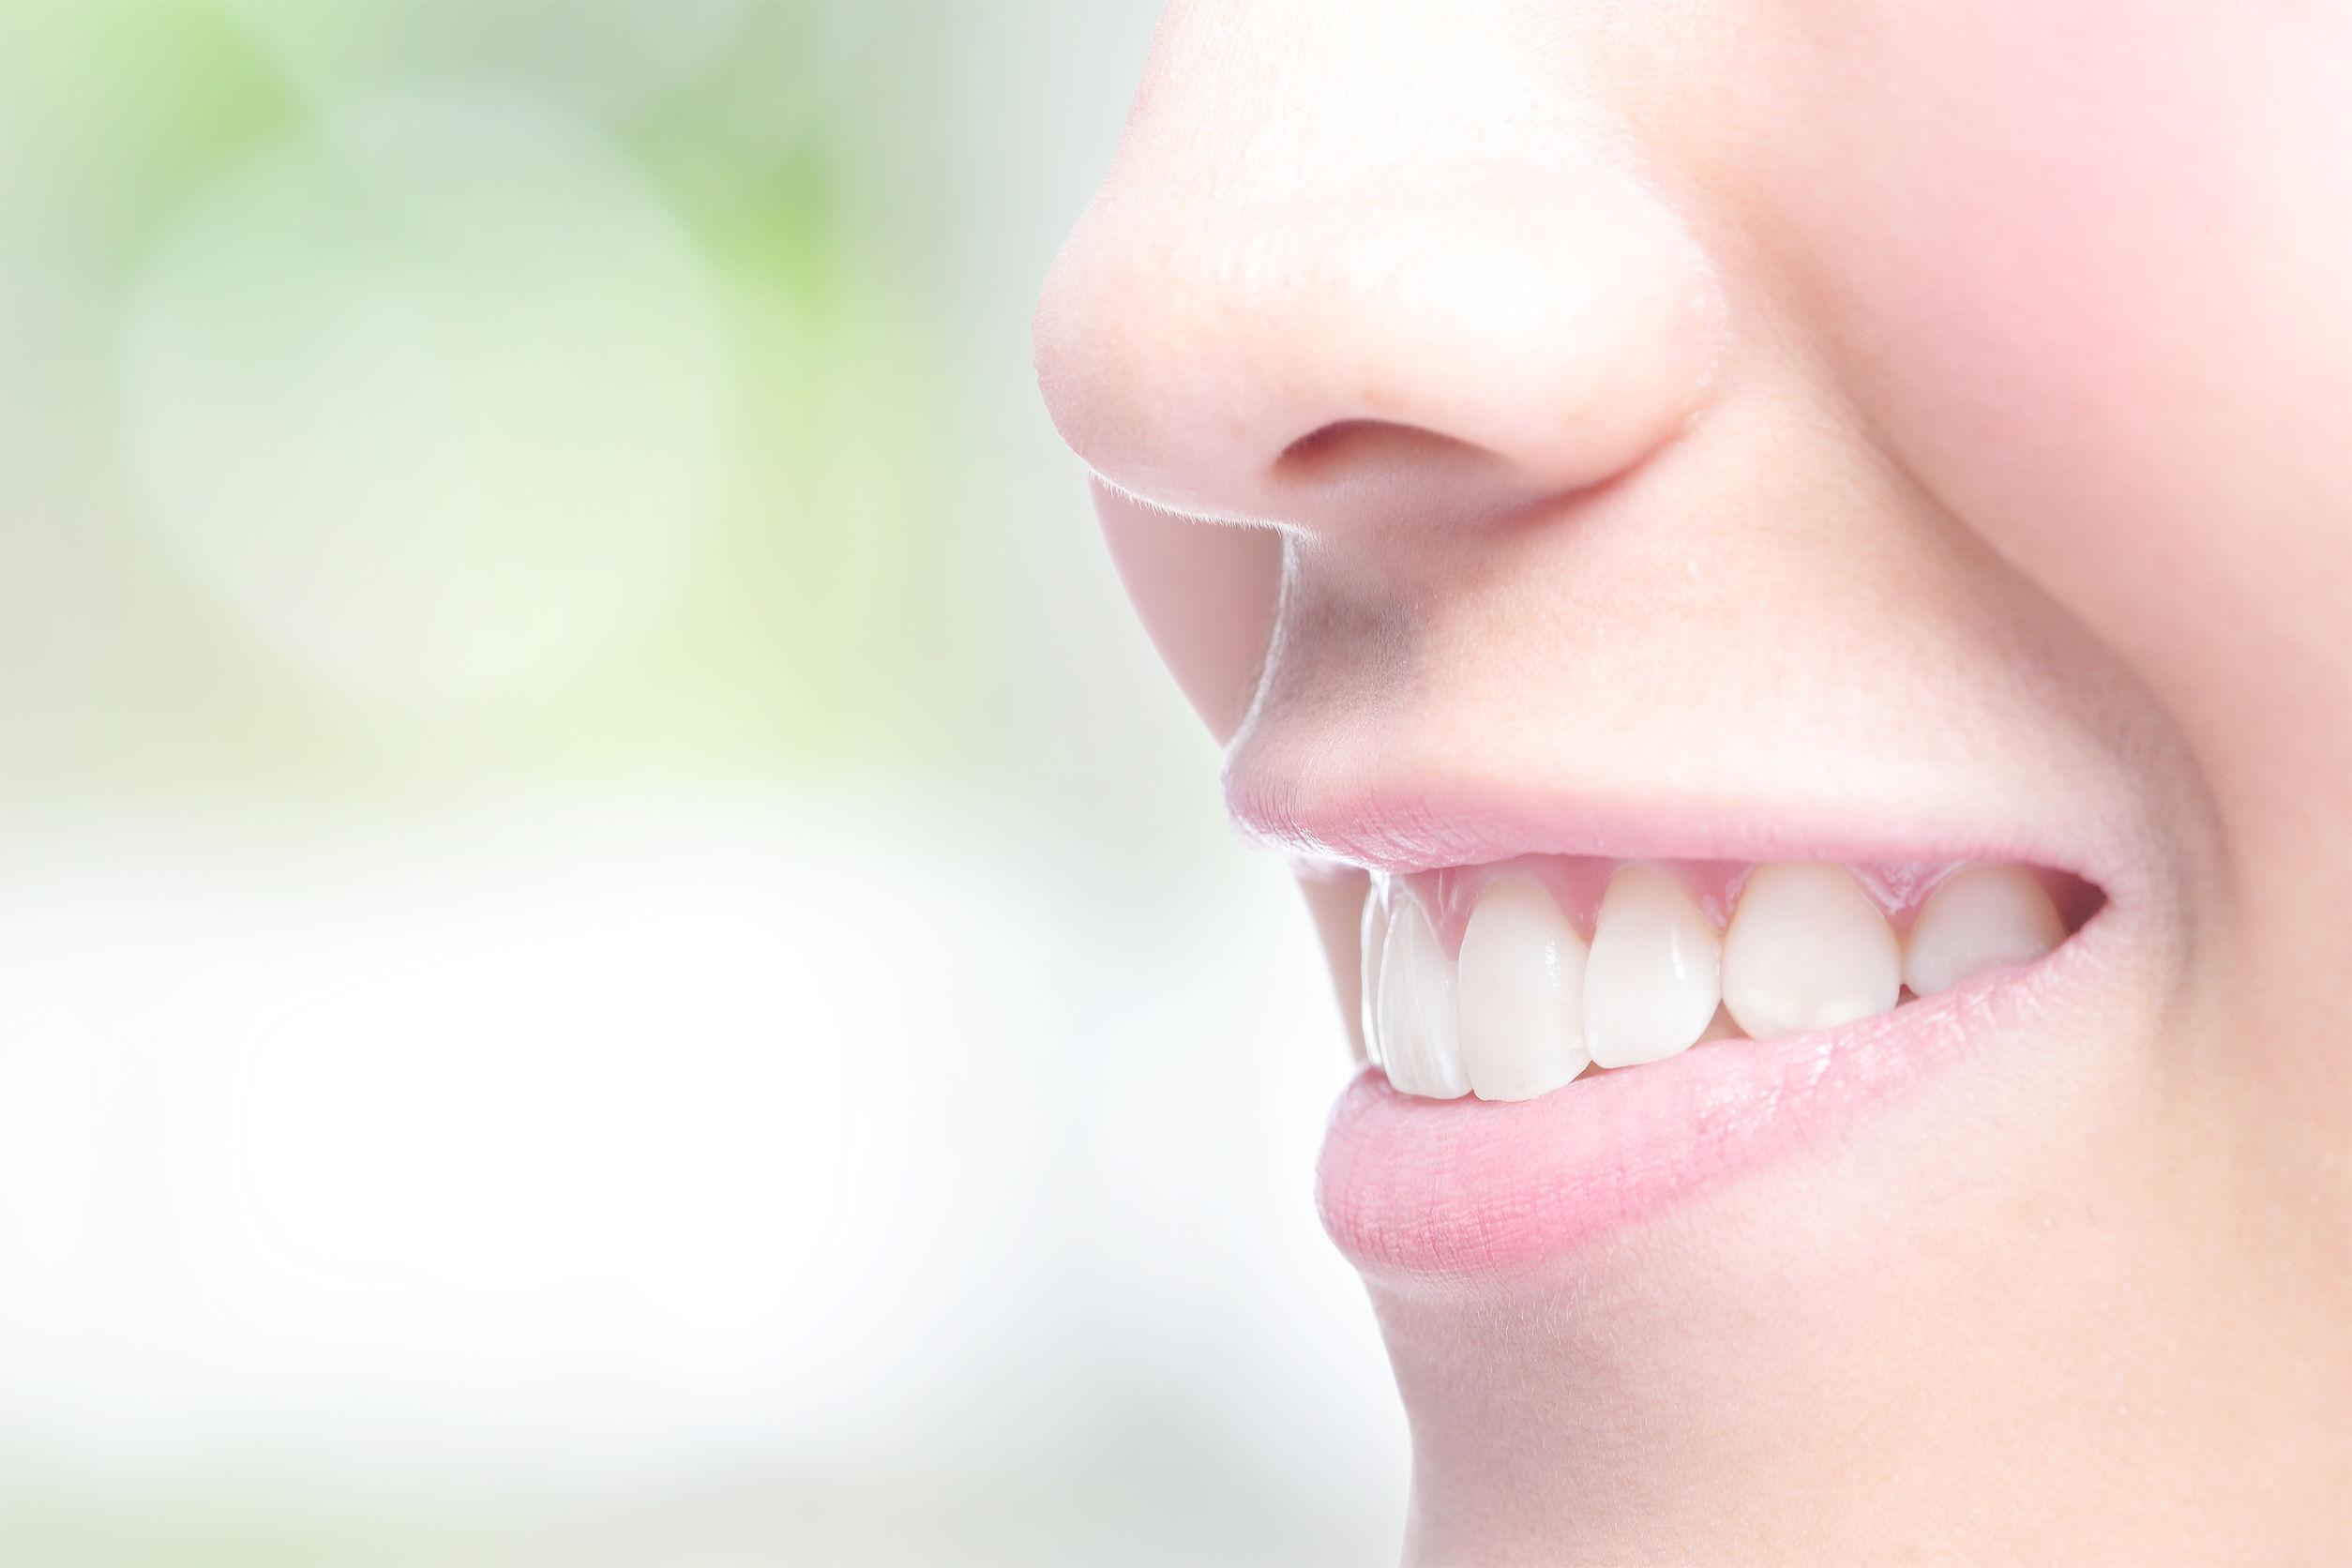 白い歯で素敵な笑顔が際立ちます